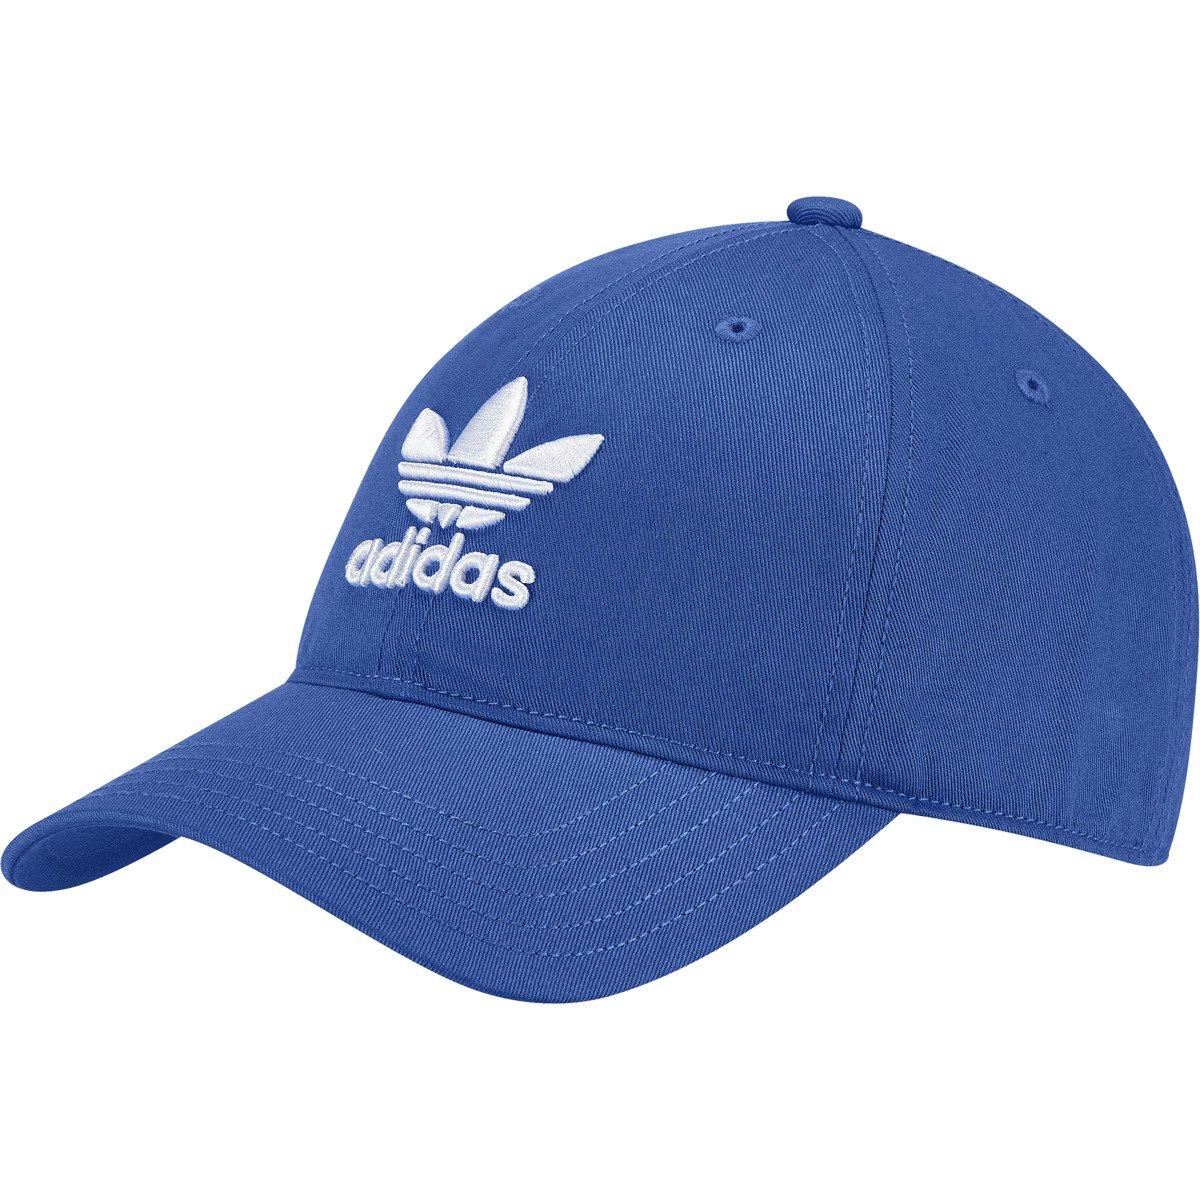 0548c3bf Adidas Originals Trefoil Classic Strapback - BK7271 | Accessories ...